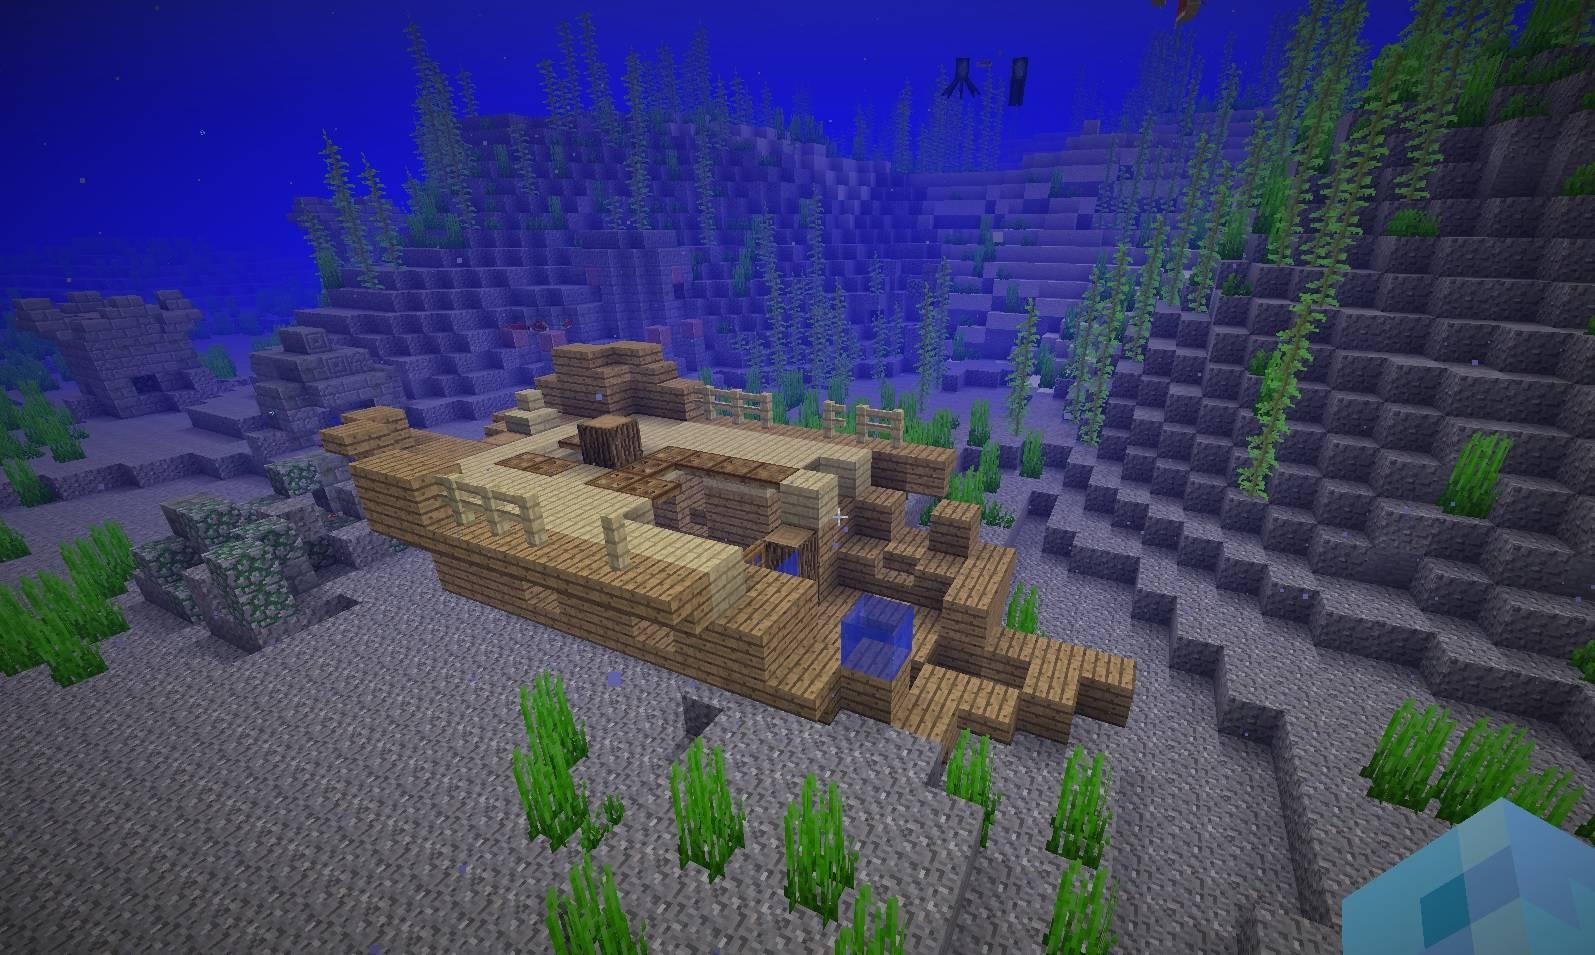 zatopiony statek wrak pod woda ocean minecraft 1.13 img1